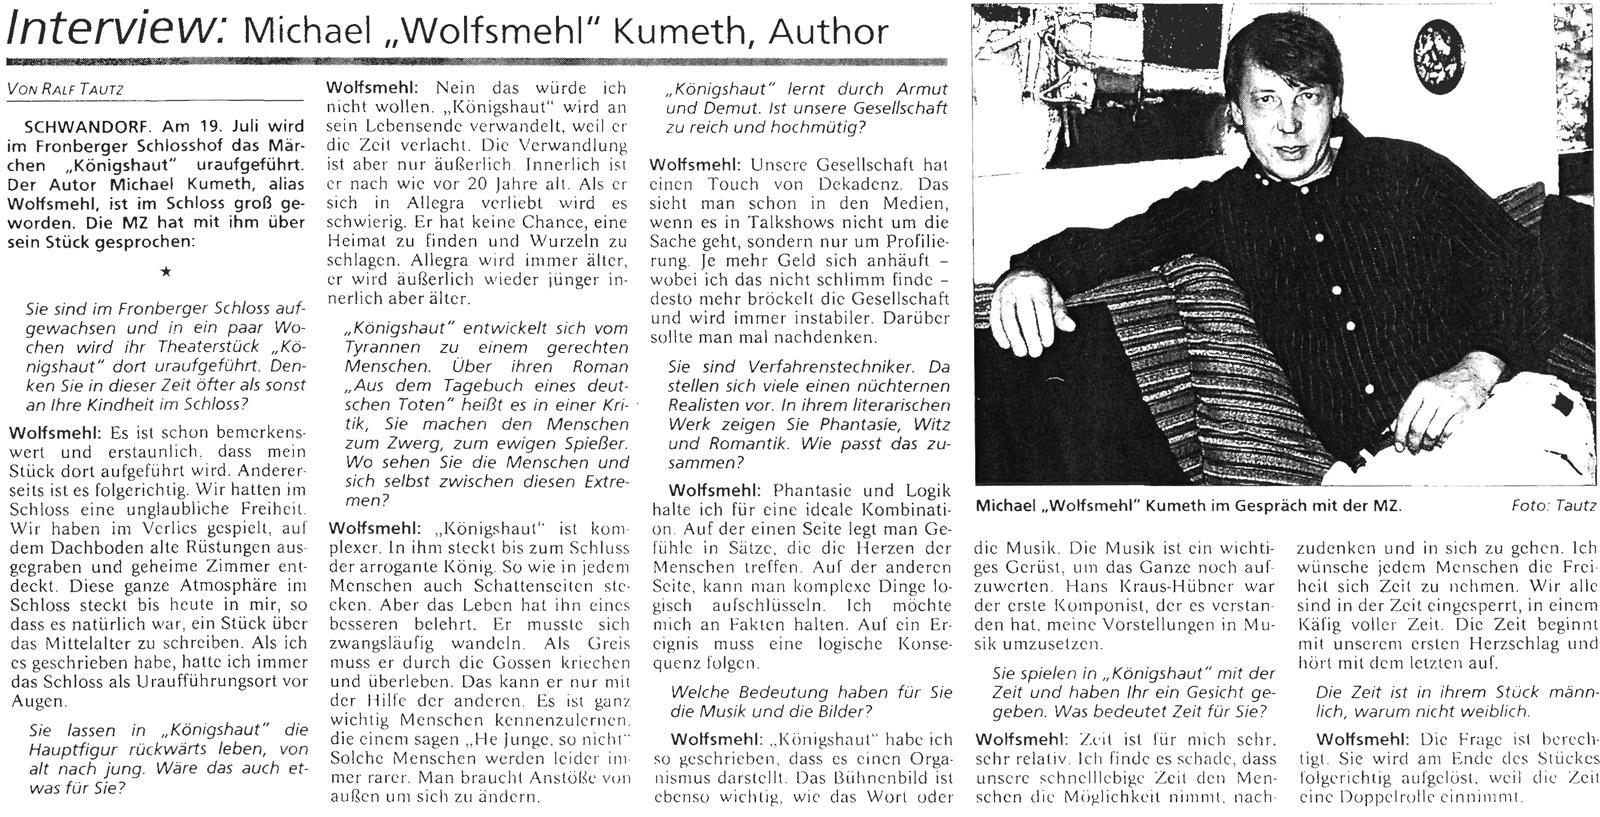 Interview-Königshaut